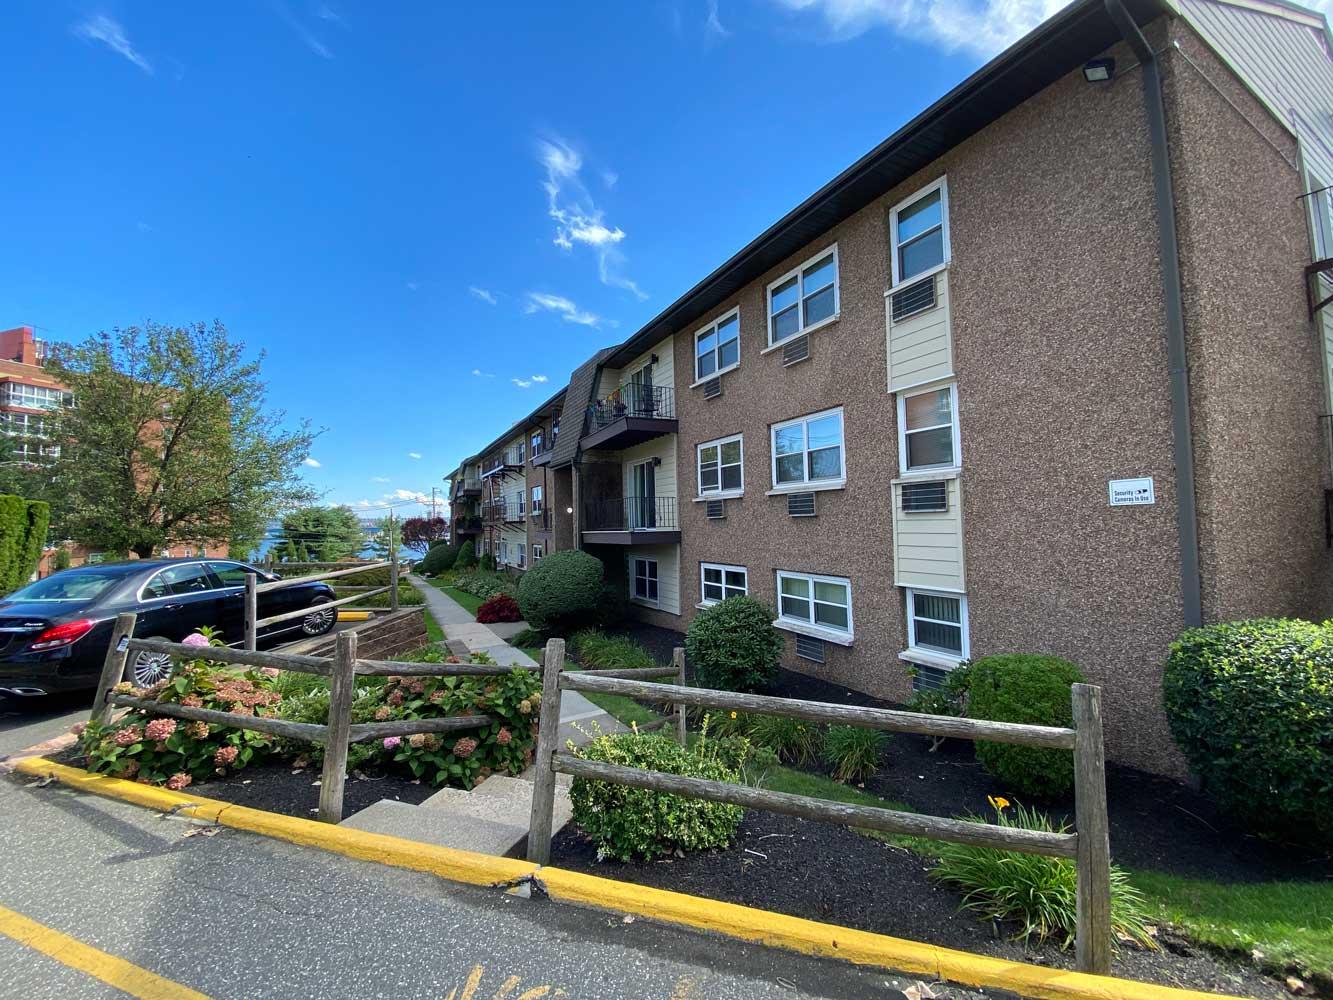 Apartments for Lease at River Edge at Nyack Apartments in Nyack, NY